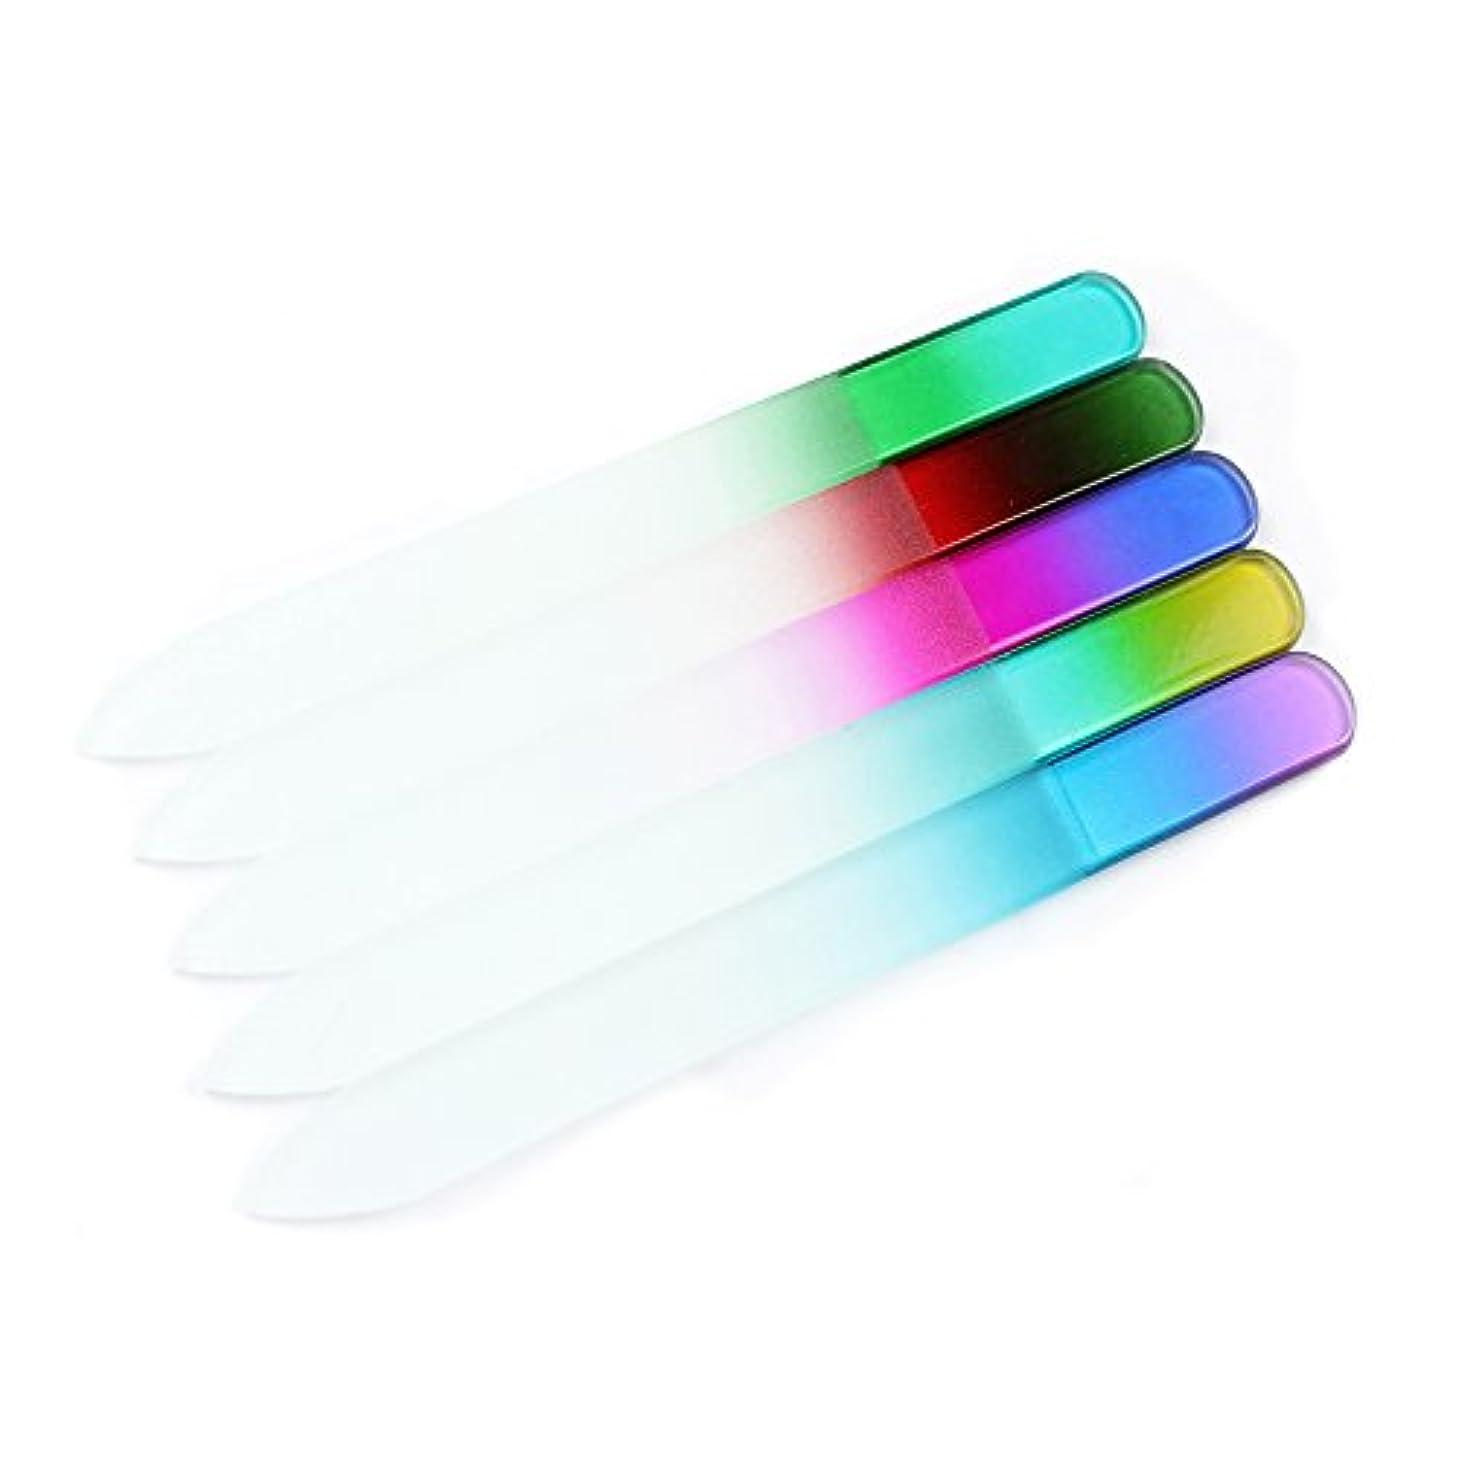 論理的に取る嬉しいですFingerAngel 爪やすり ガラス製 5個セット 削りやすいネイルヤスリ 両面タイプ ネイルケア